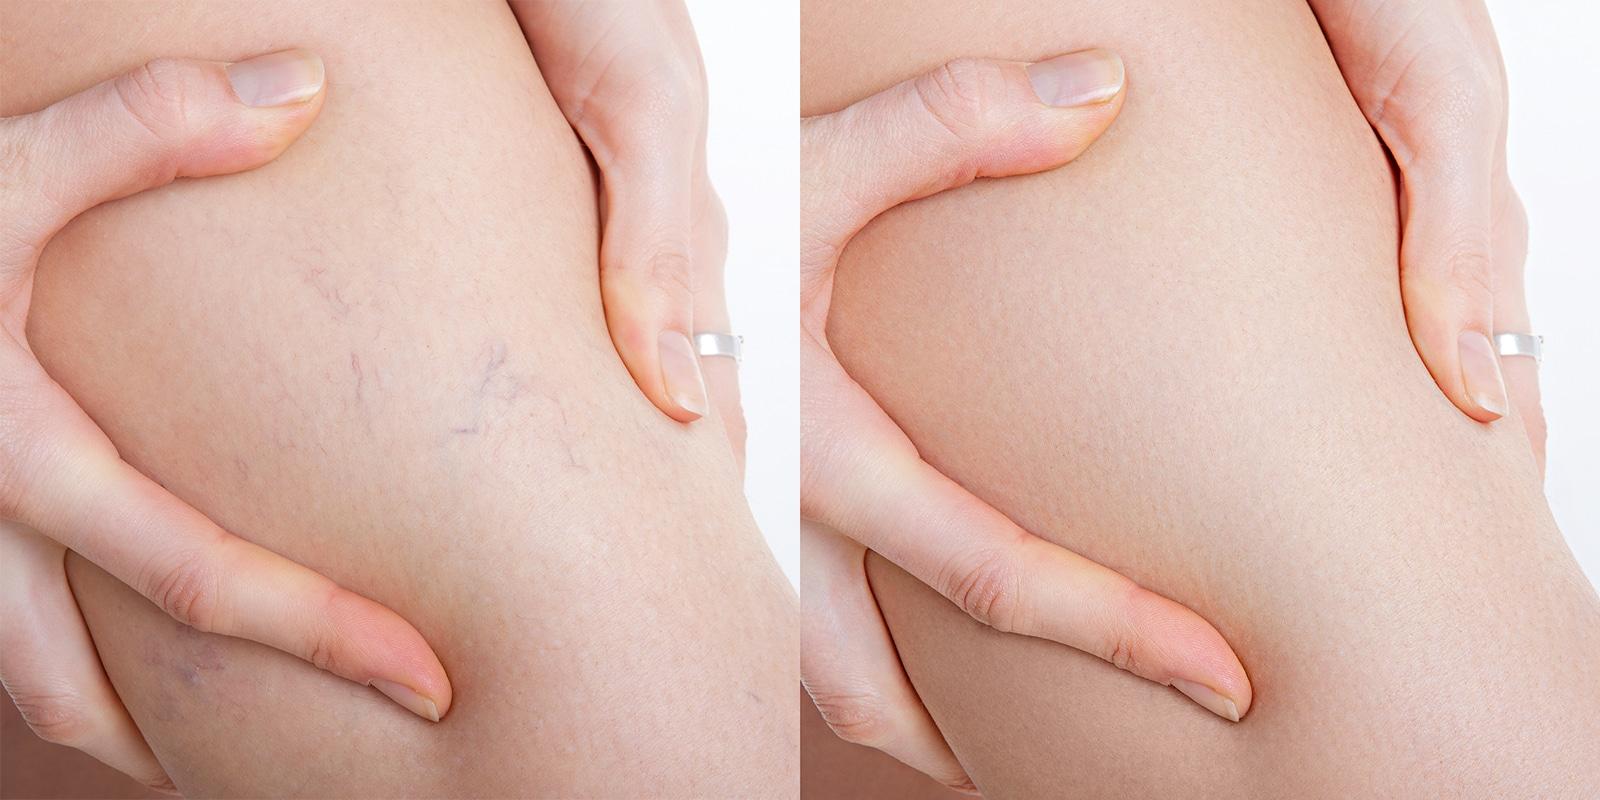 Besenreiser entfernen Vorher-Nachher Foto, Beine einer Frau